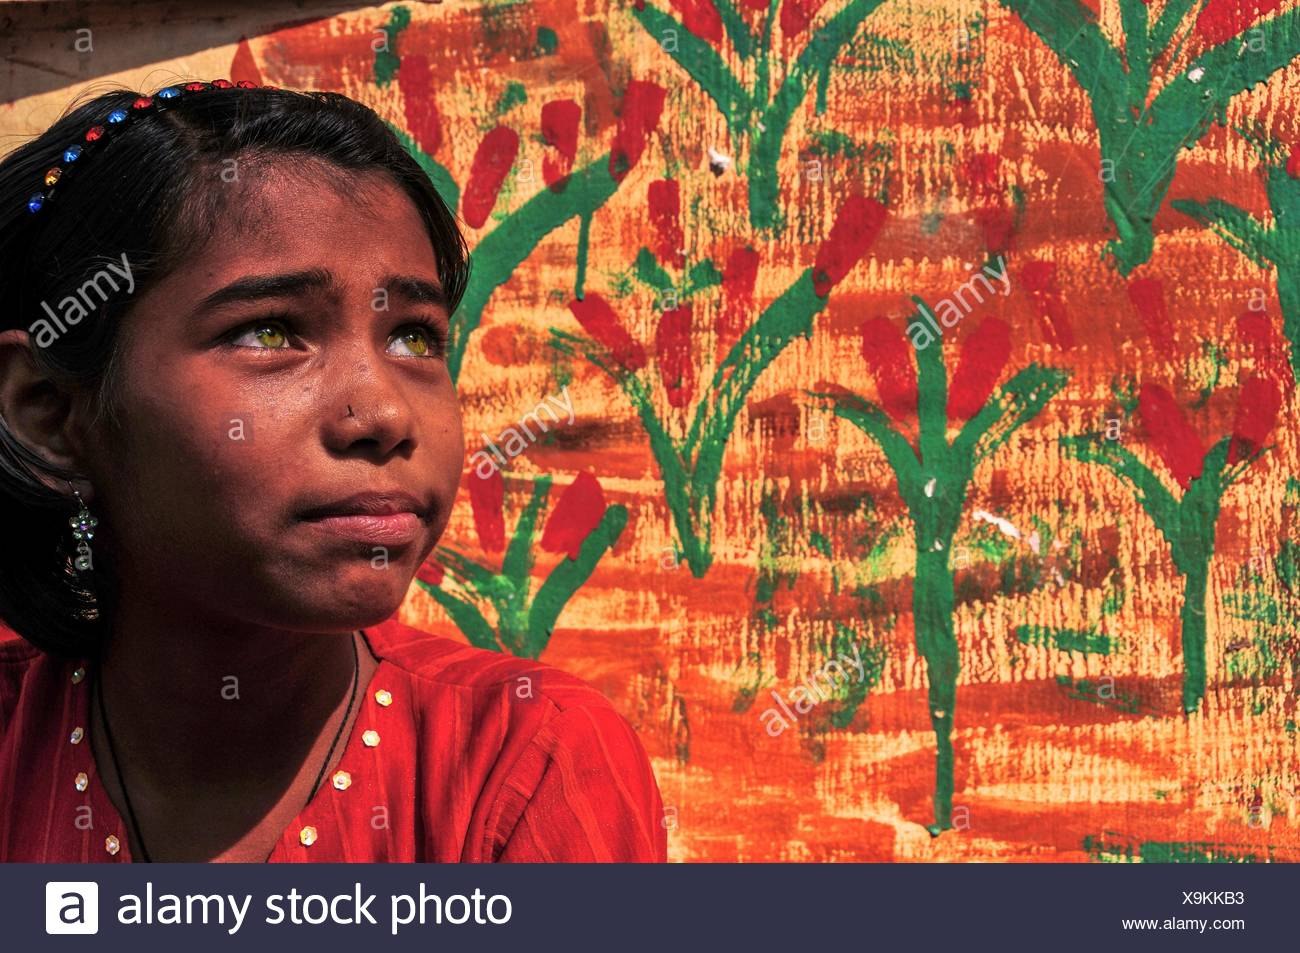 Bangladeshi girl - Stock Image